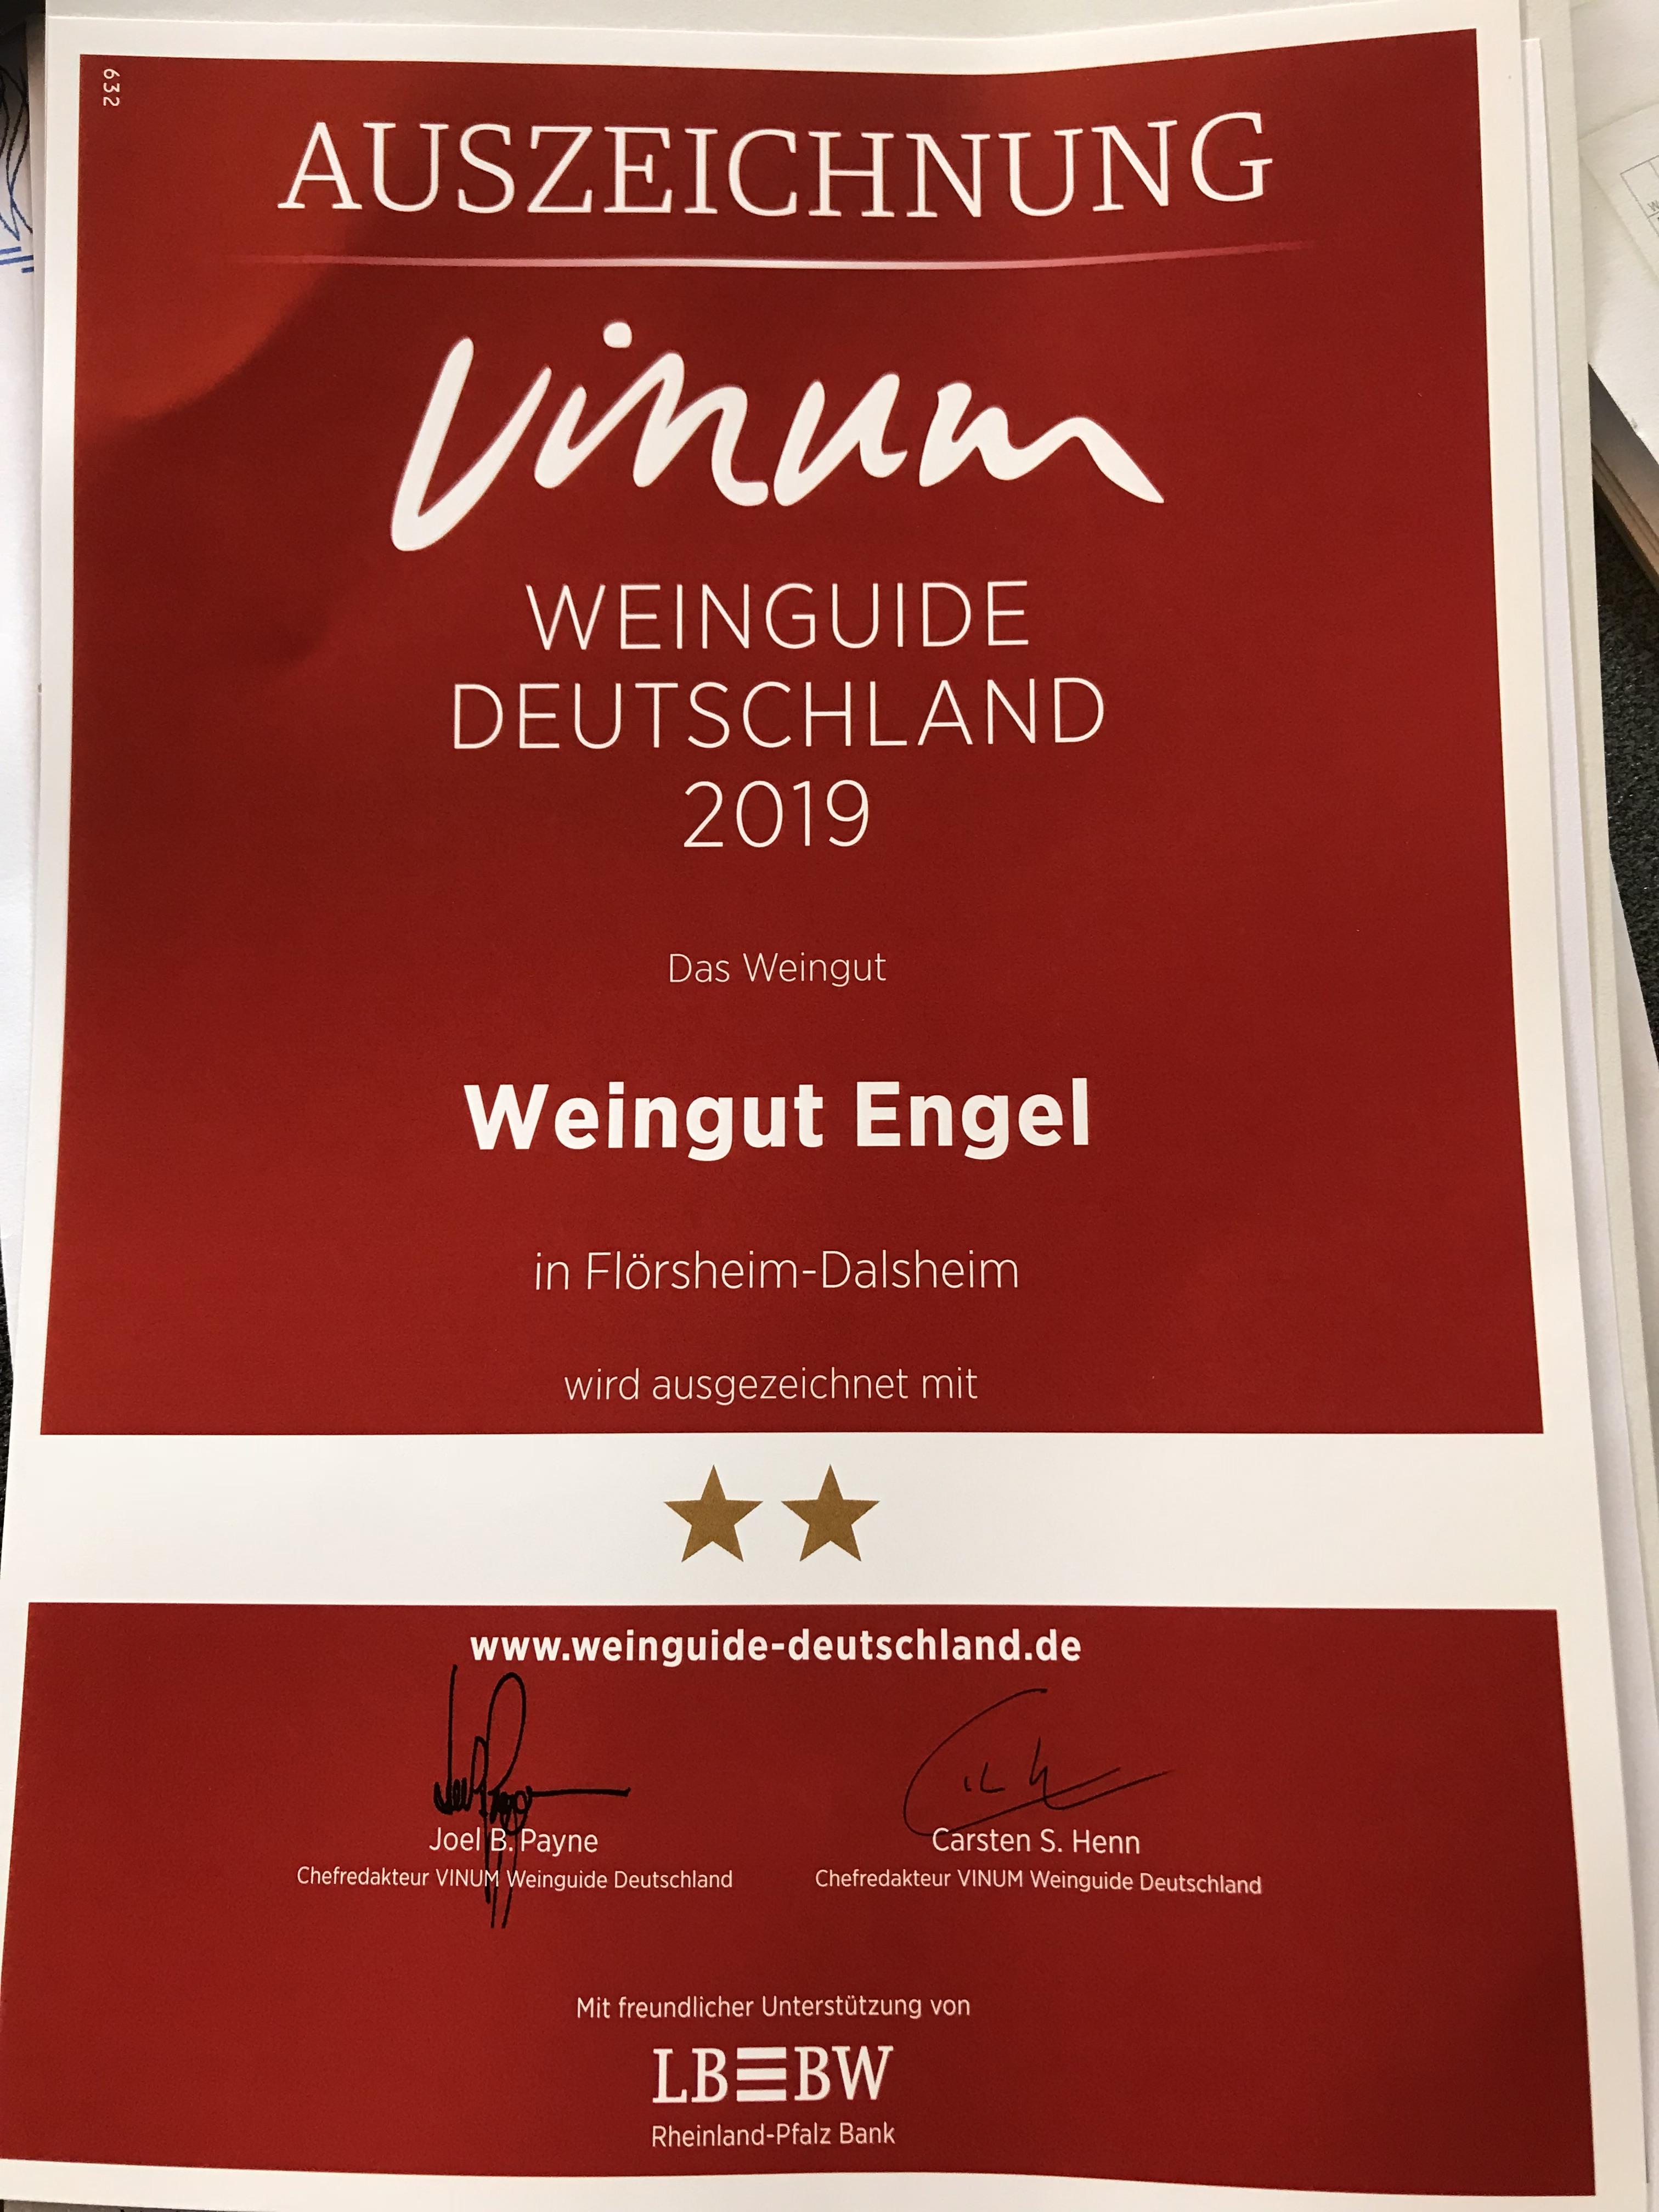 Vinum – Europas Weinemagazin  – 2 Sternen für unsere Weine